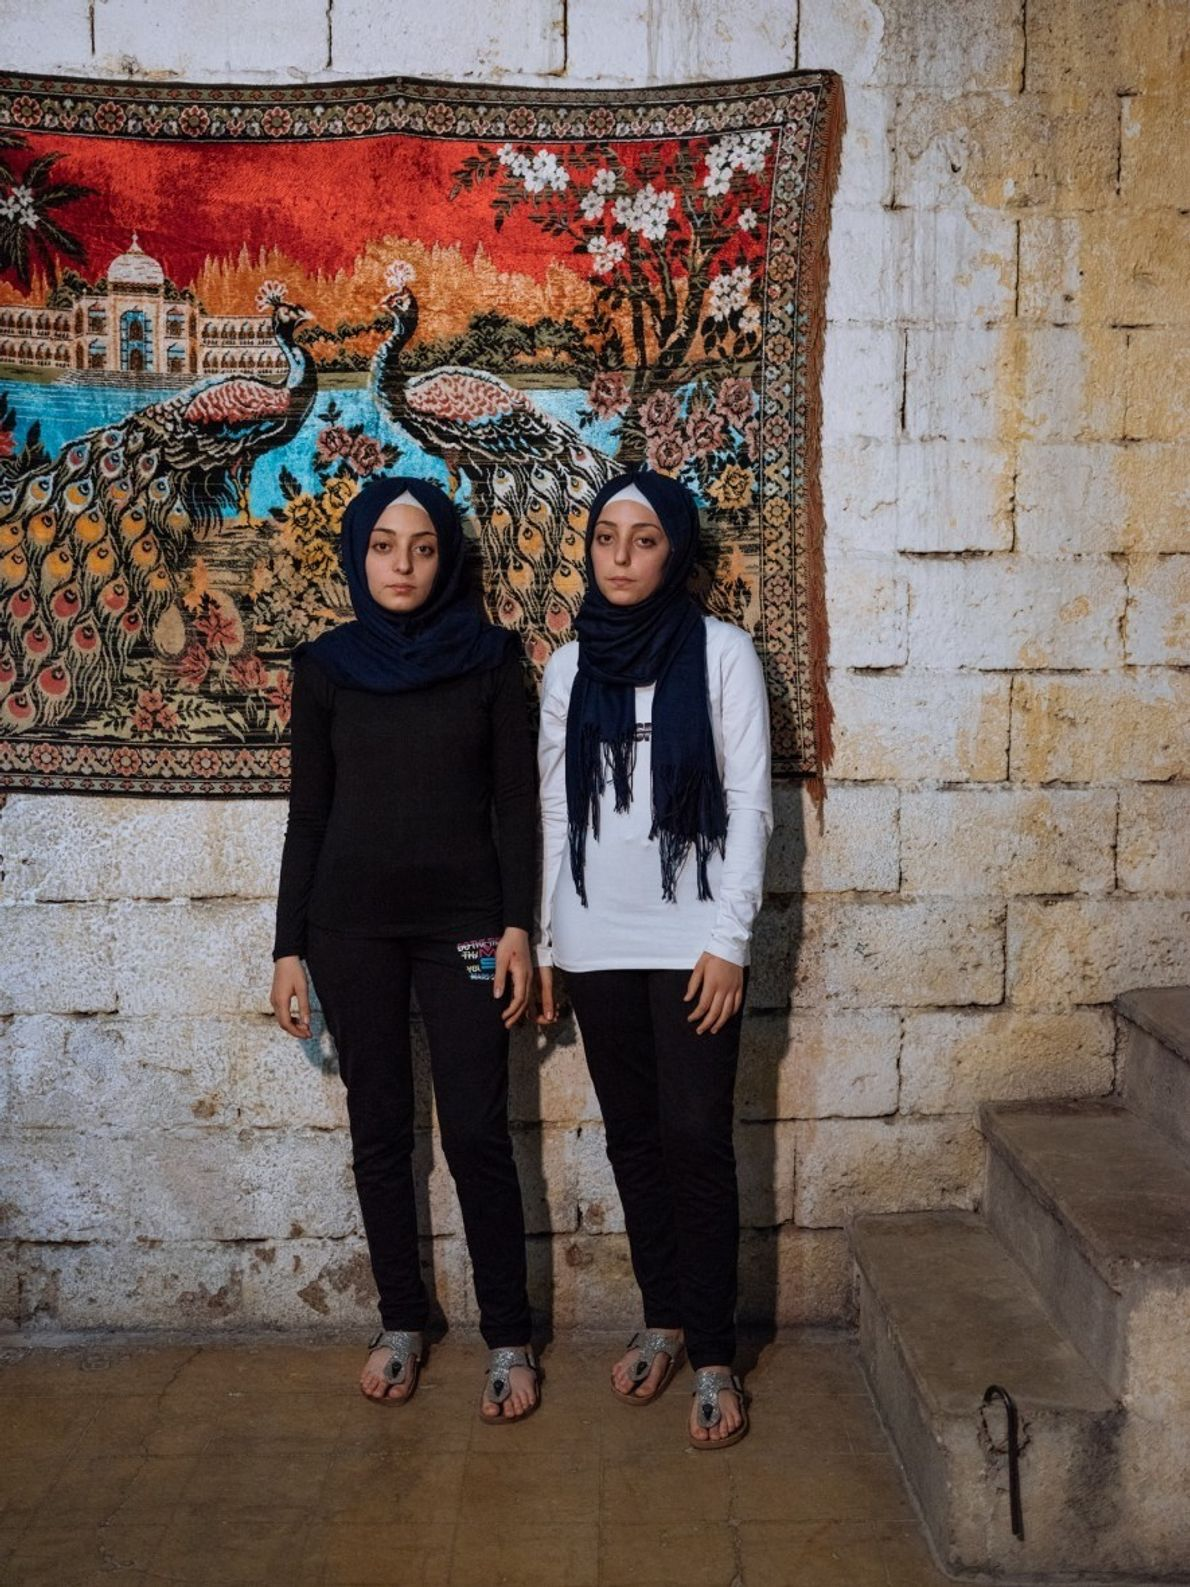 Las gemelas de 14 años Sidra (izq.) y Shahed recuerdan las bombas de barril en Alepo, ...